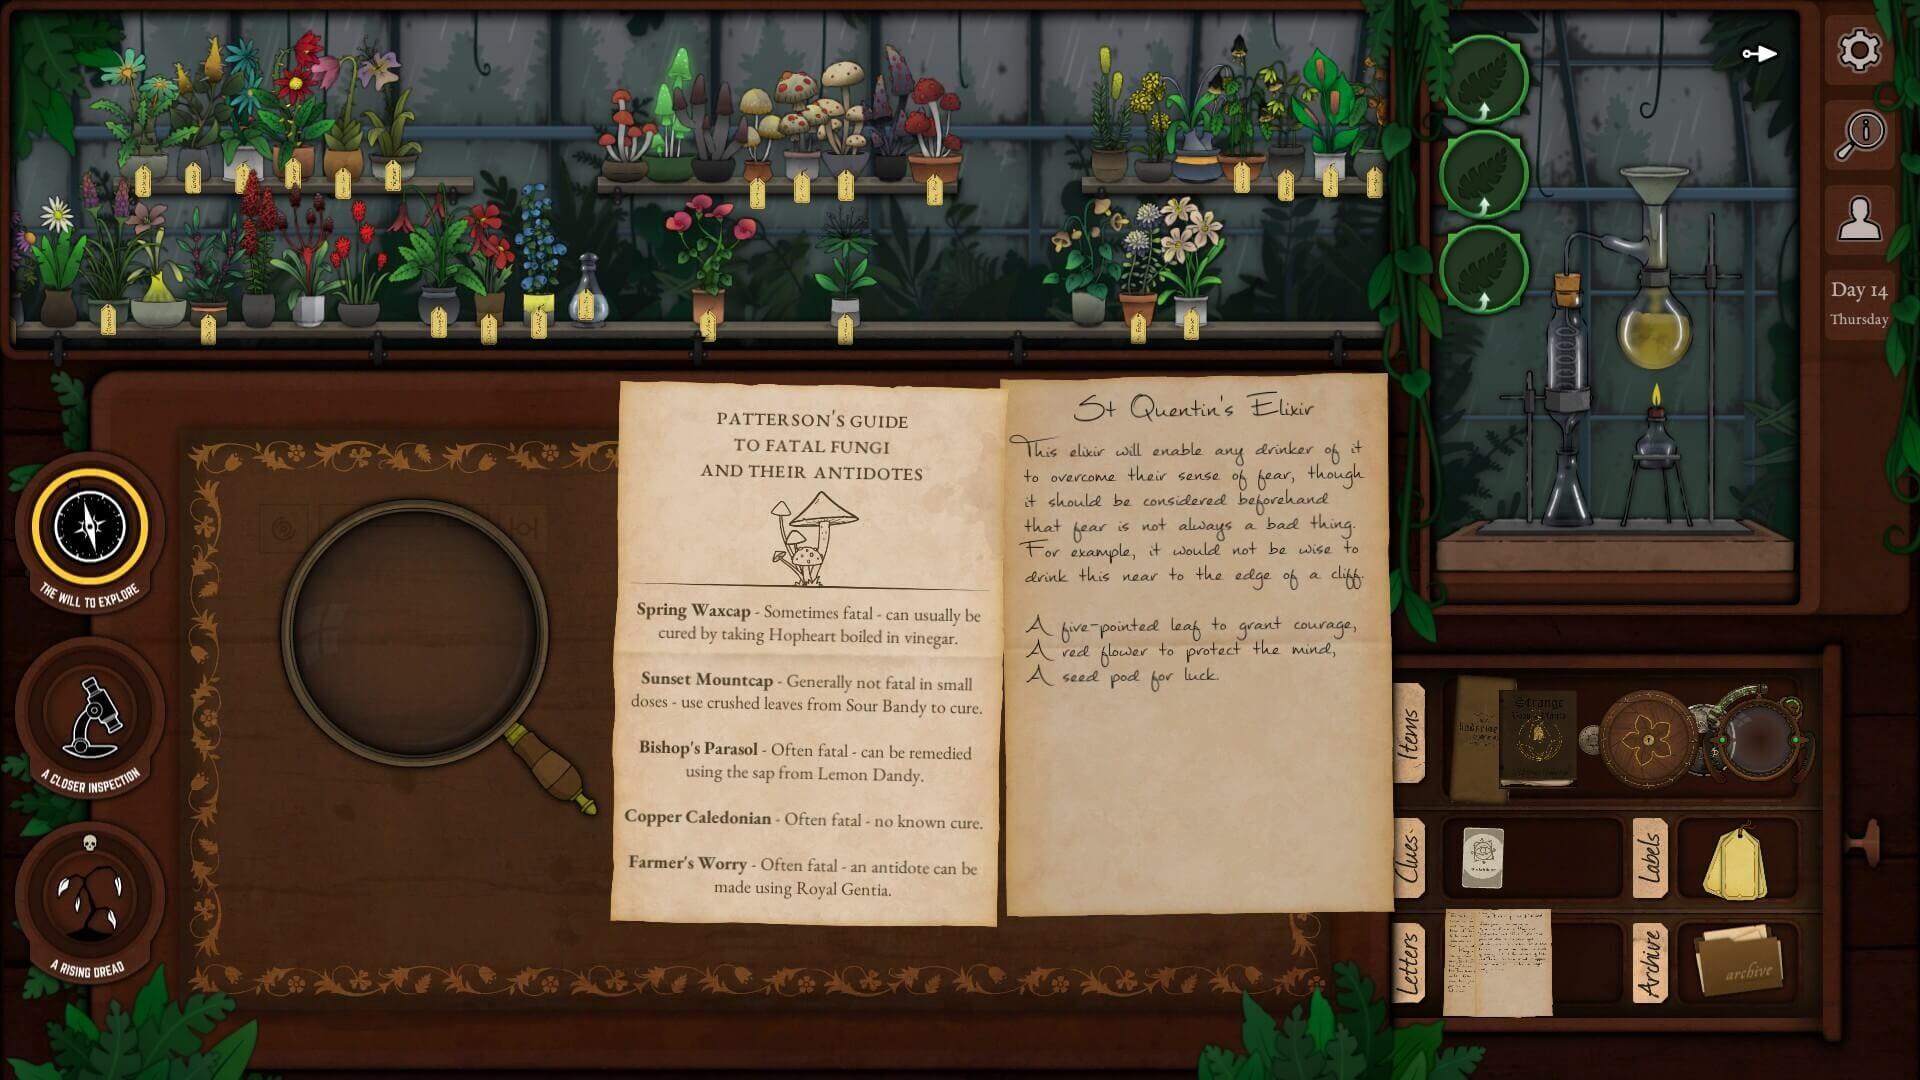 Strange Horticulture Notes